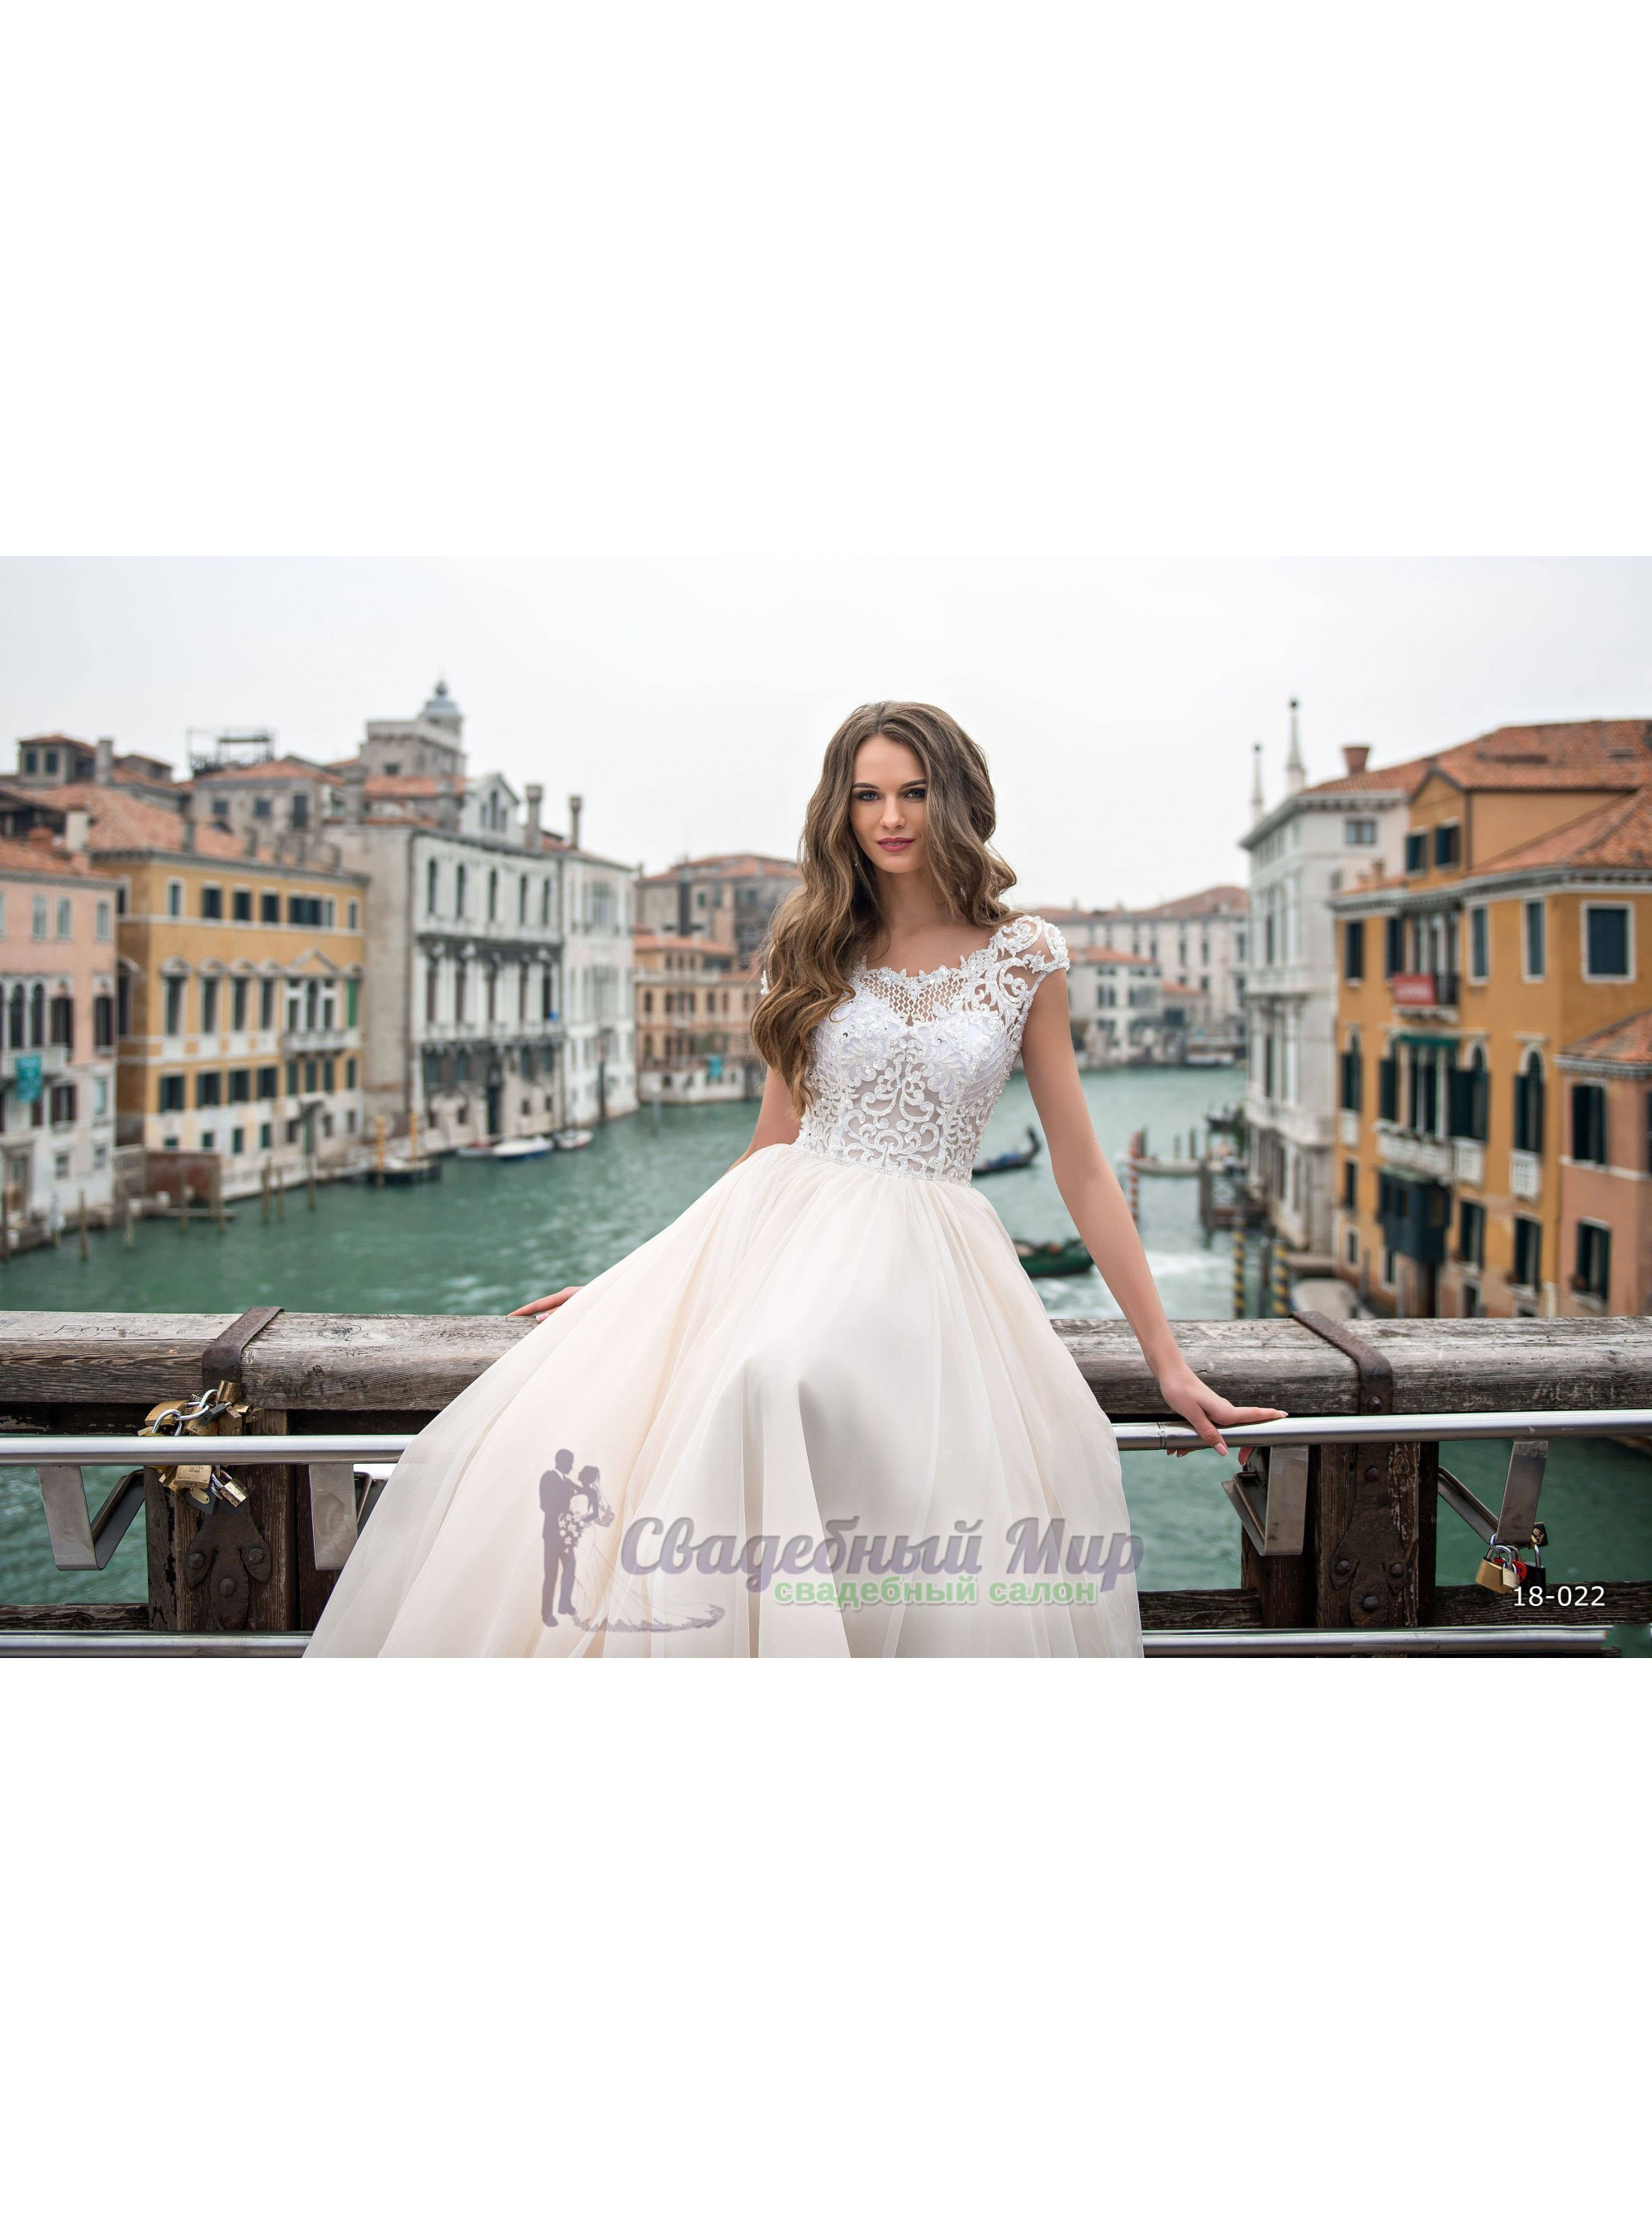 Свадебное платье 18-022